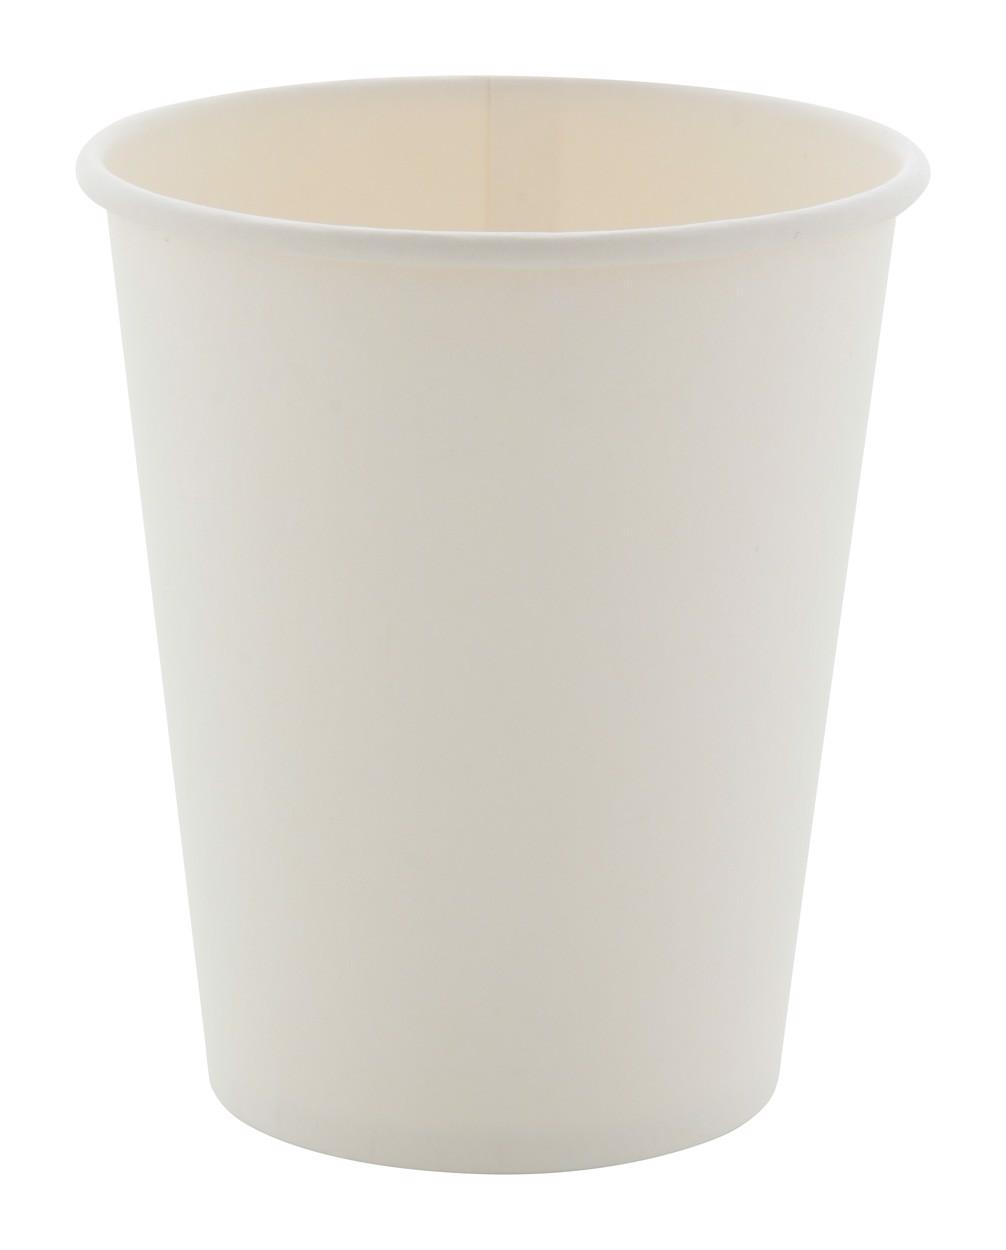 Pahar De Hârtie Papcap M, 240 Ml - Alb